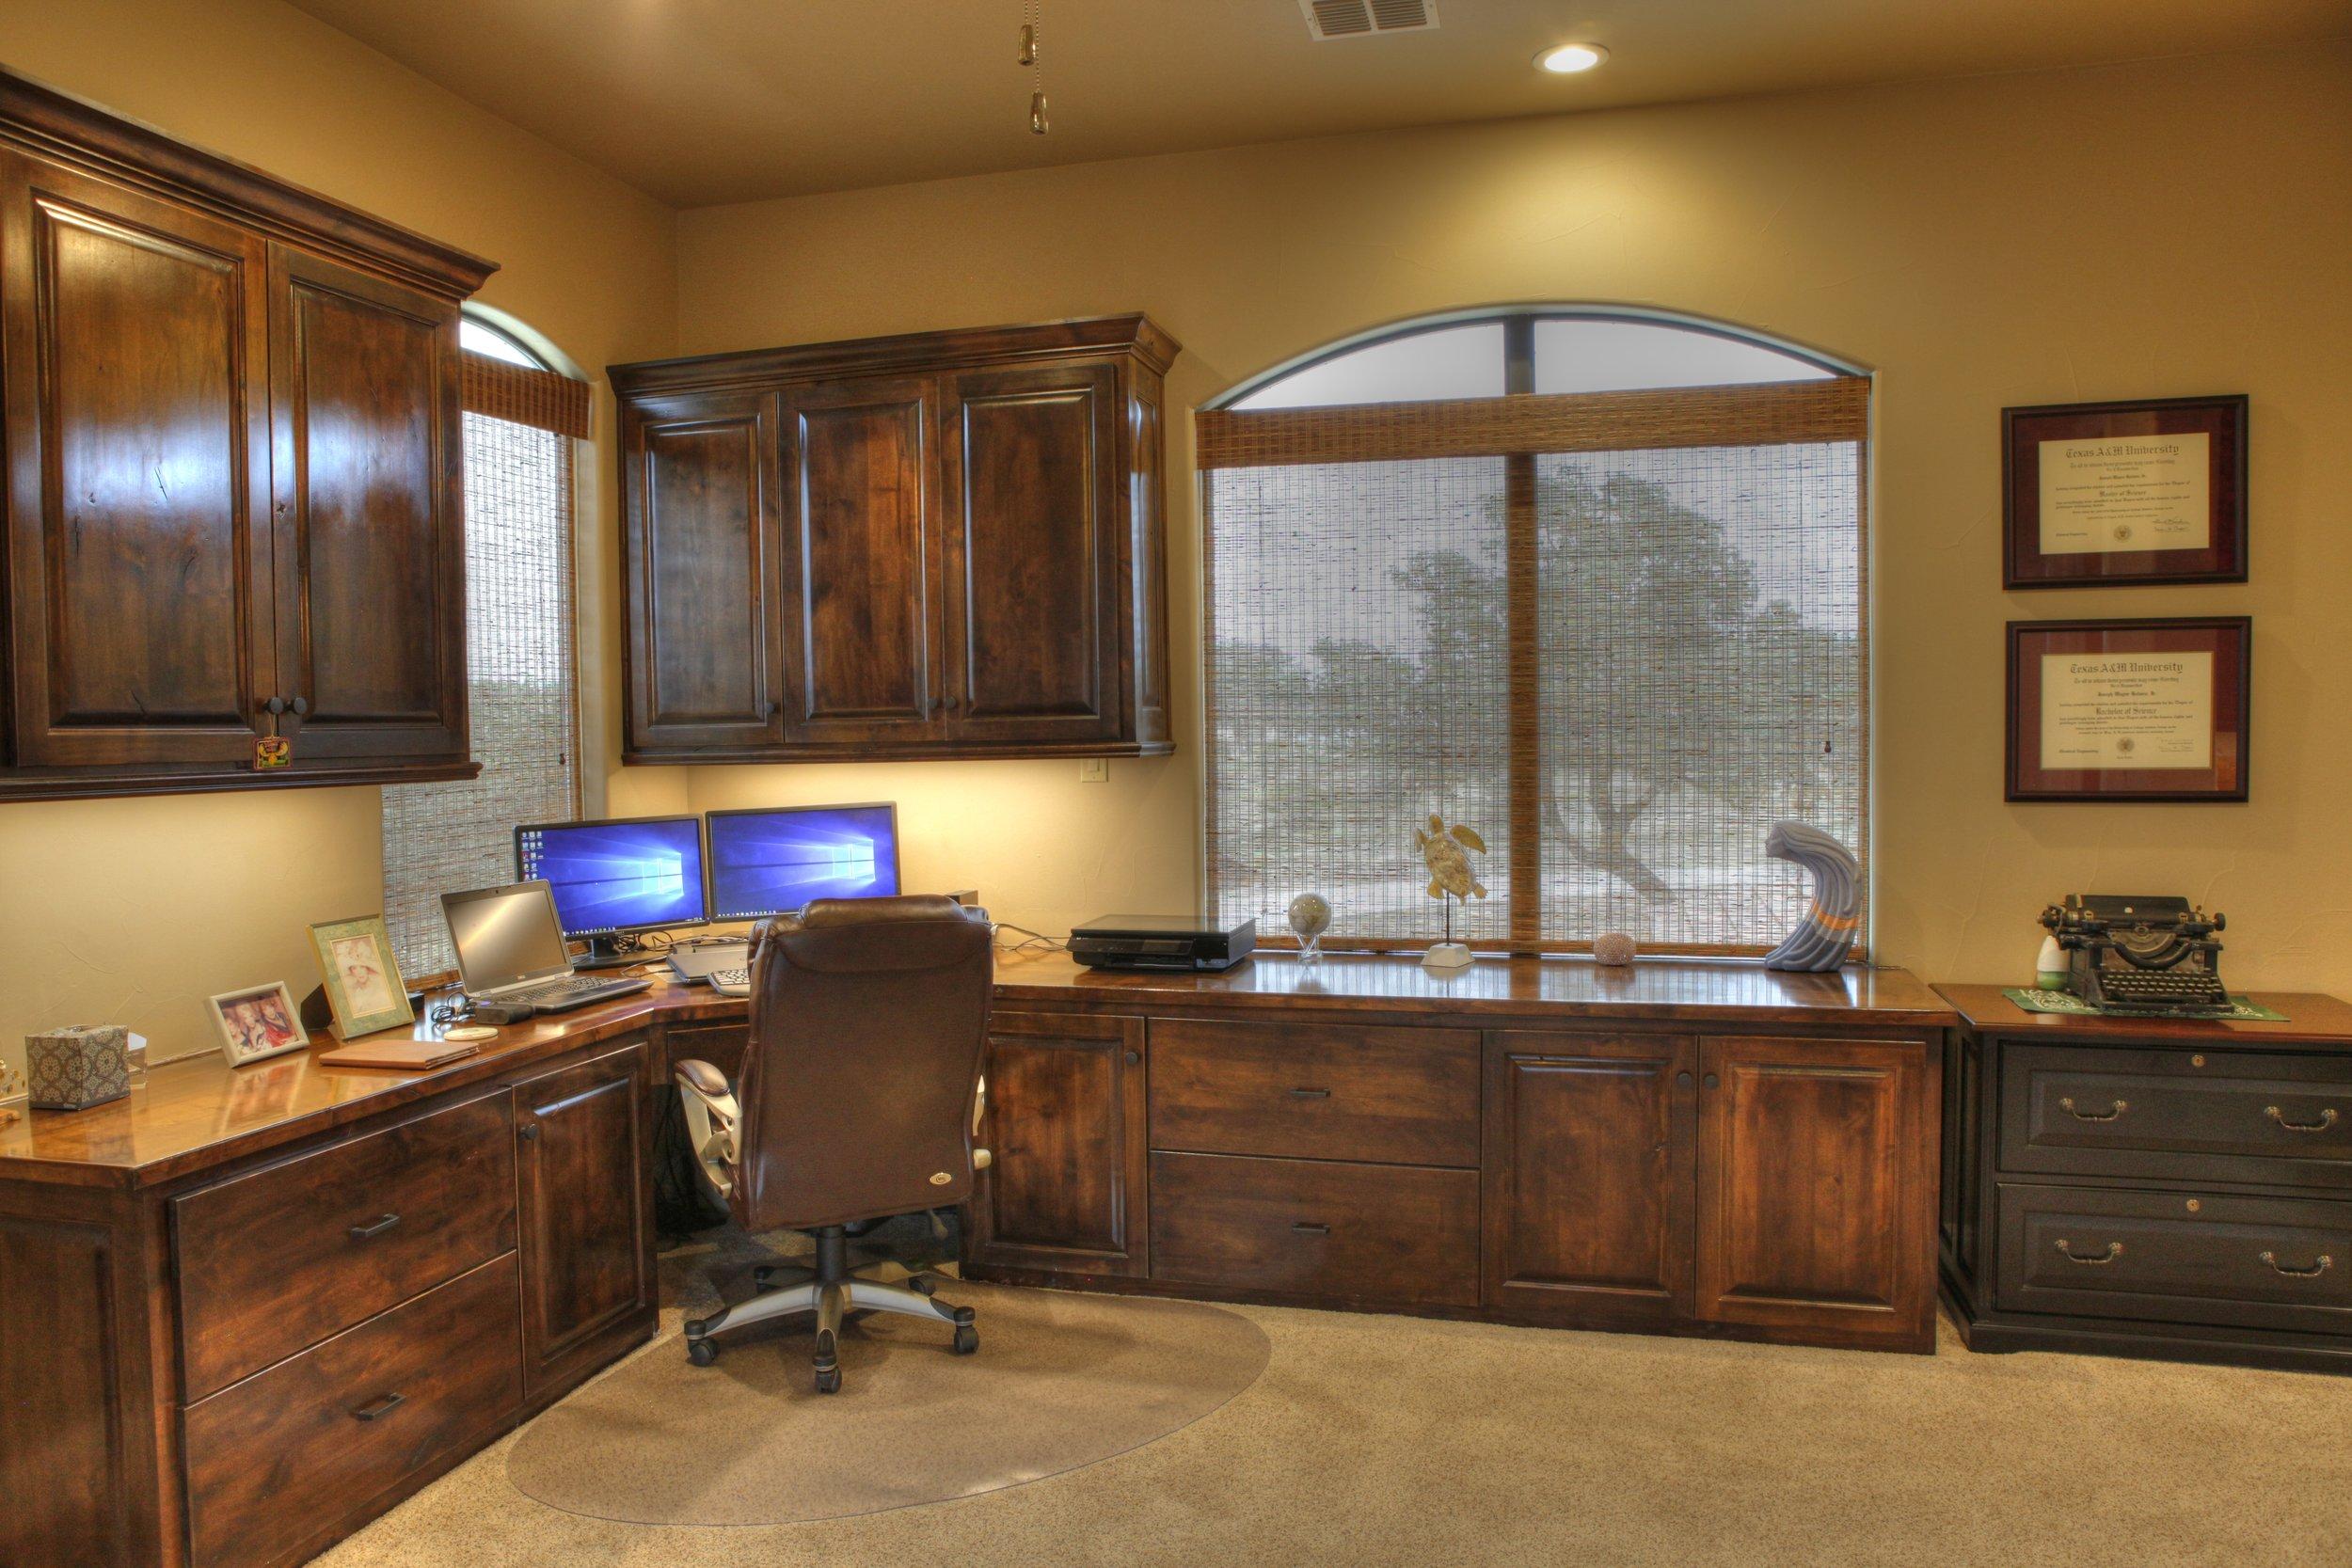 26-office - 2-1-hdr.jpg